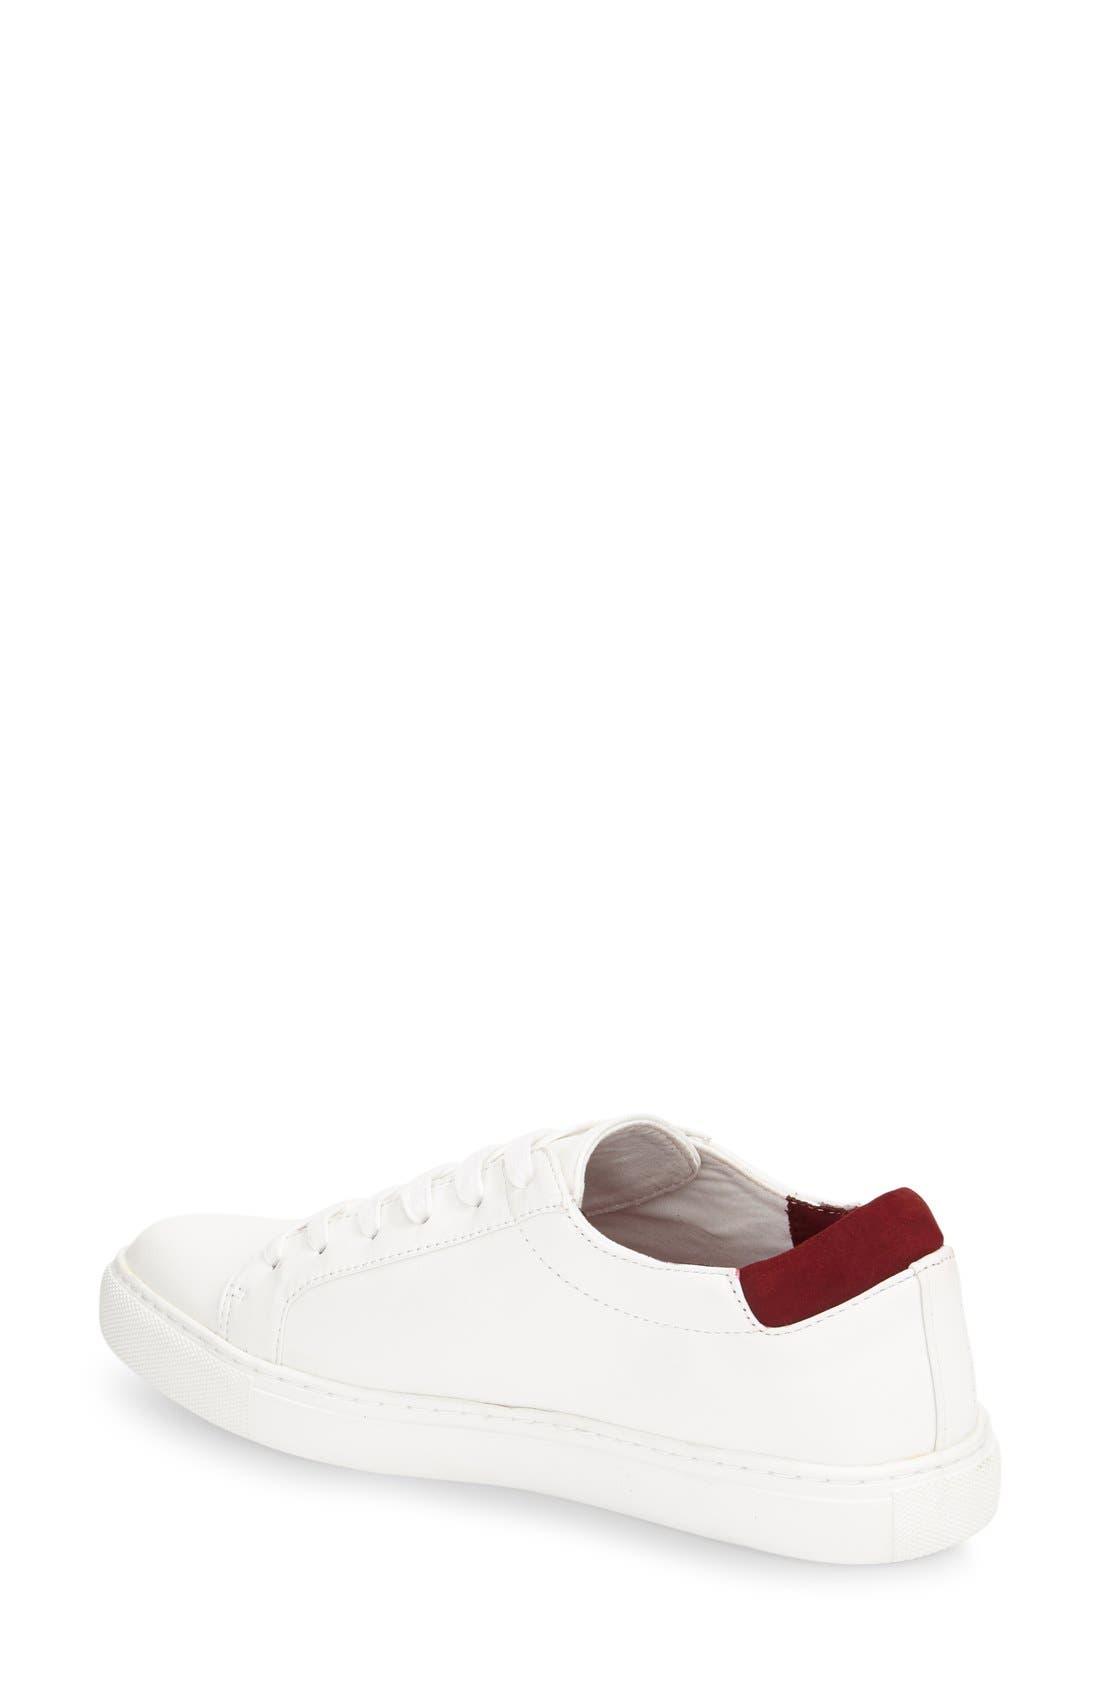 'Kam' Sneaker,                             Alternate thumbnail 7, color,